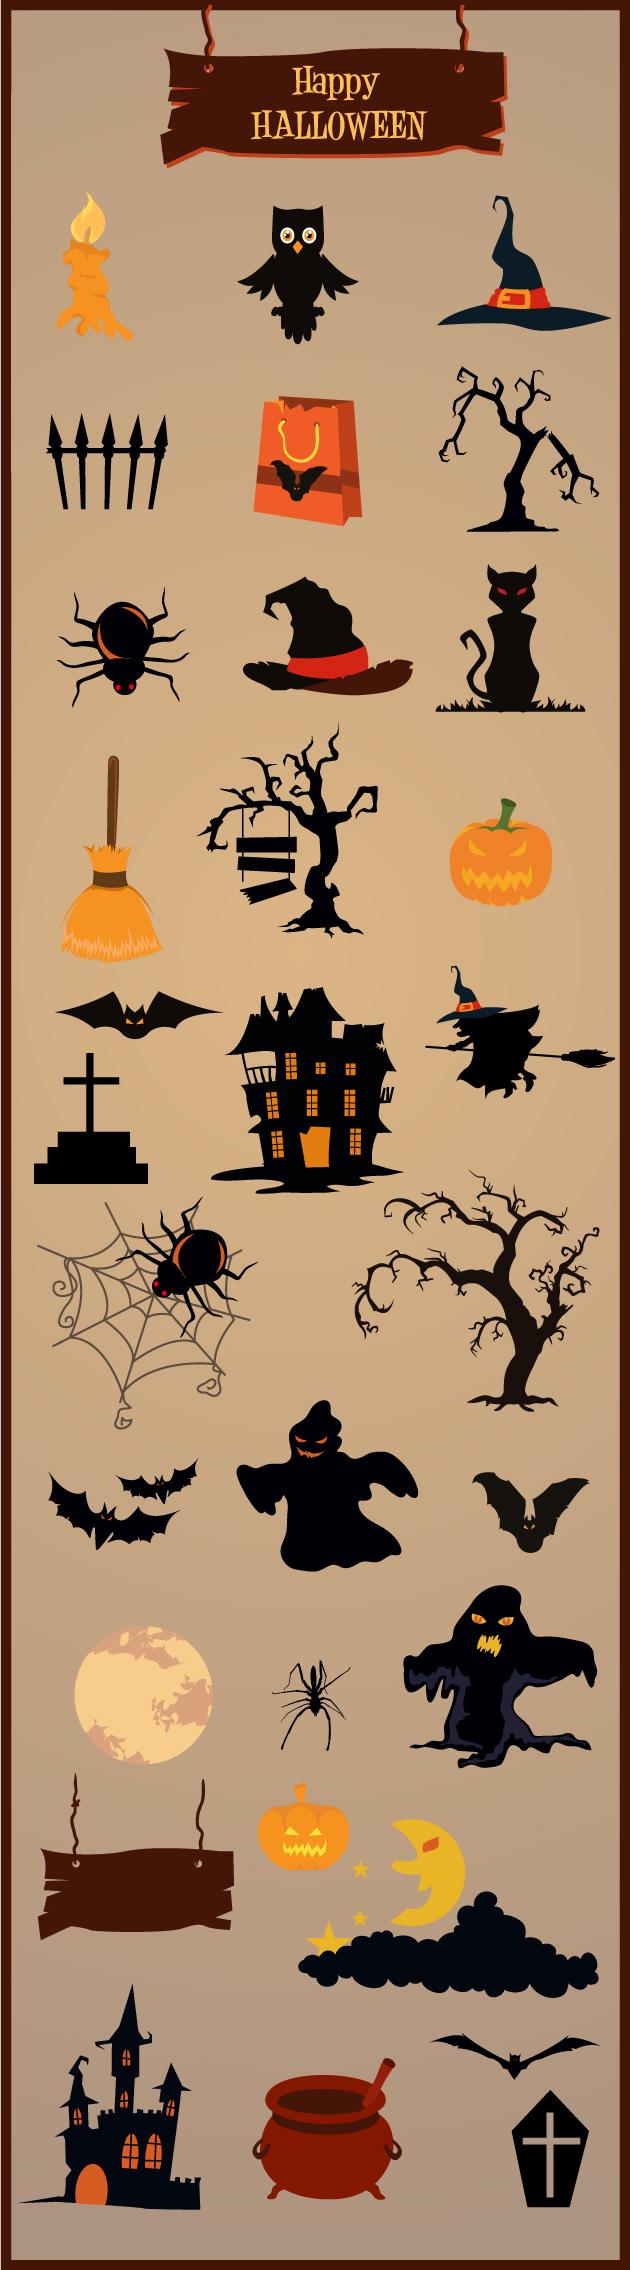 Halloween Vector Elements Set 1 designtnt halloween vector elements set 1 vector large